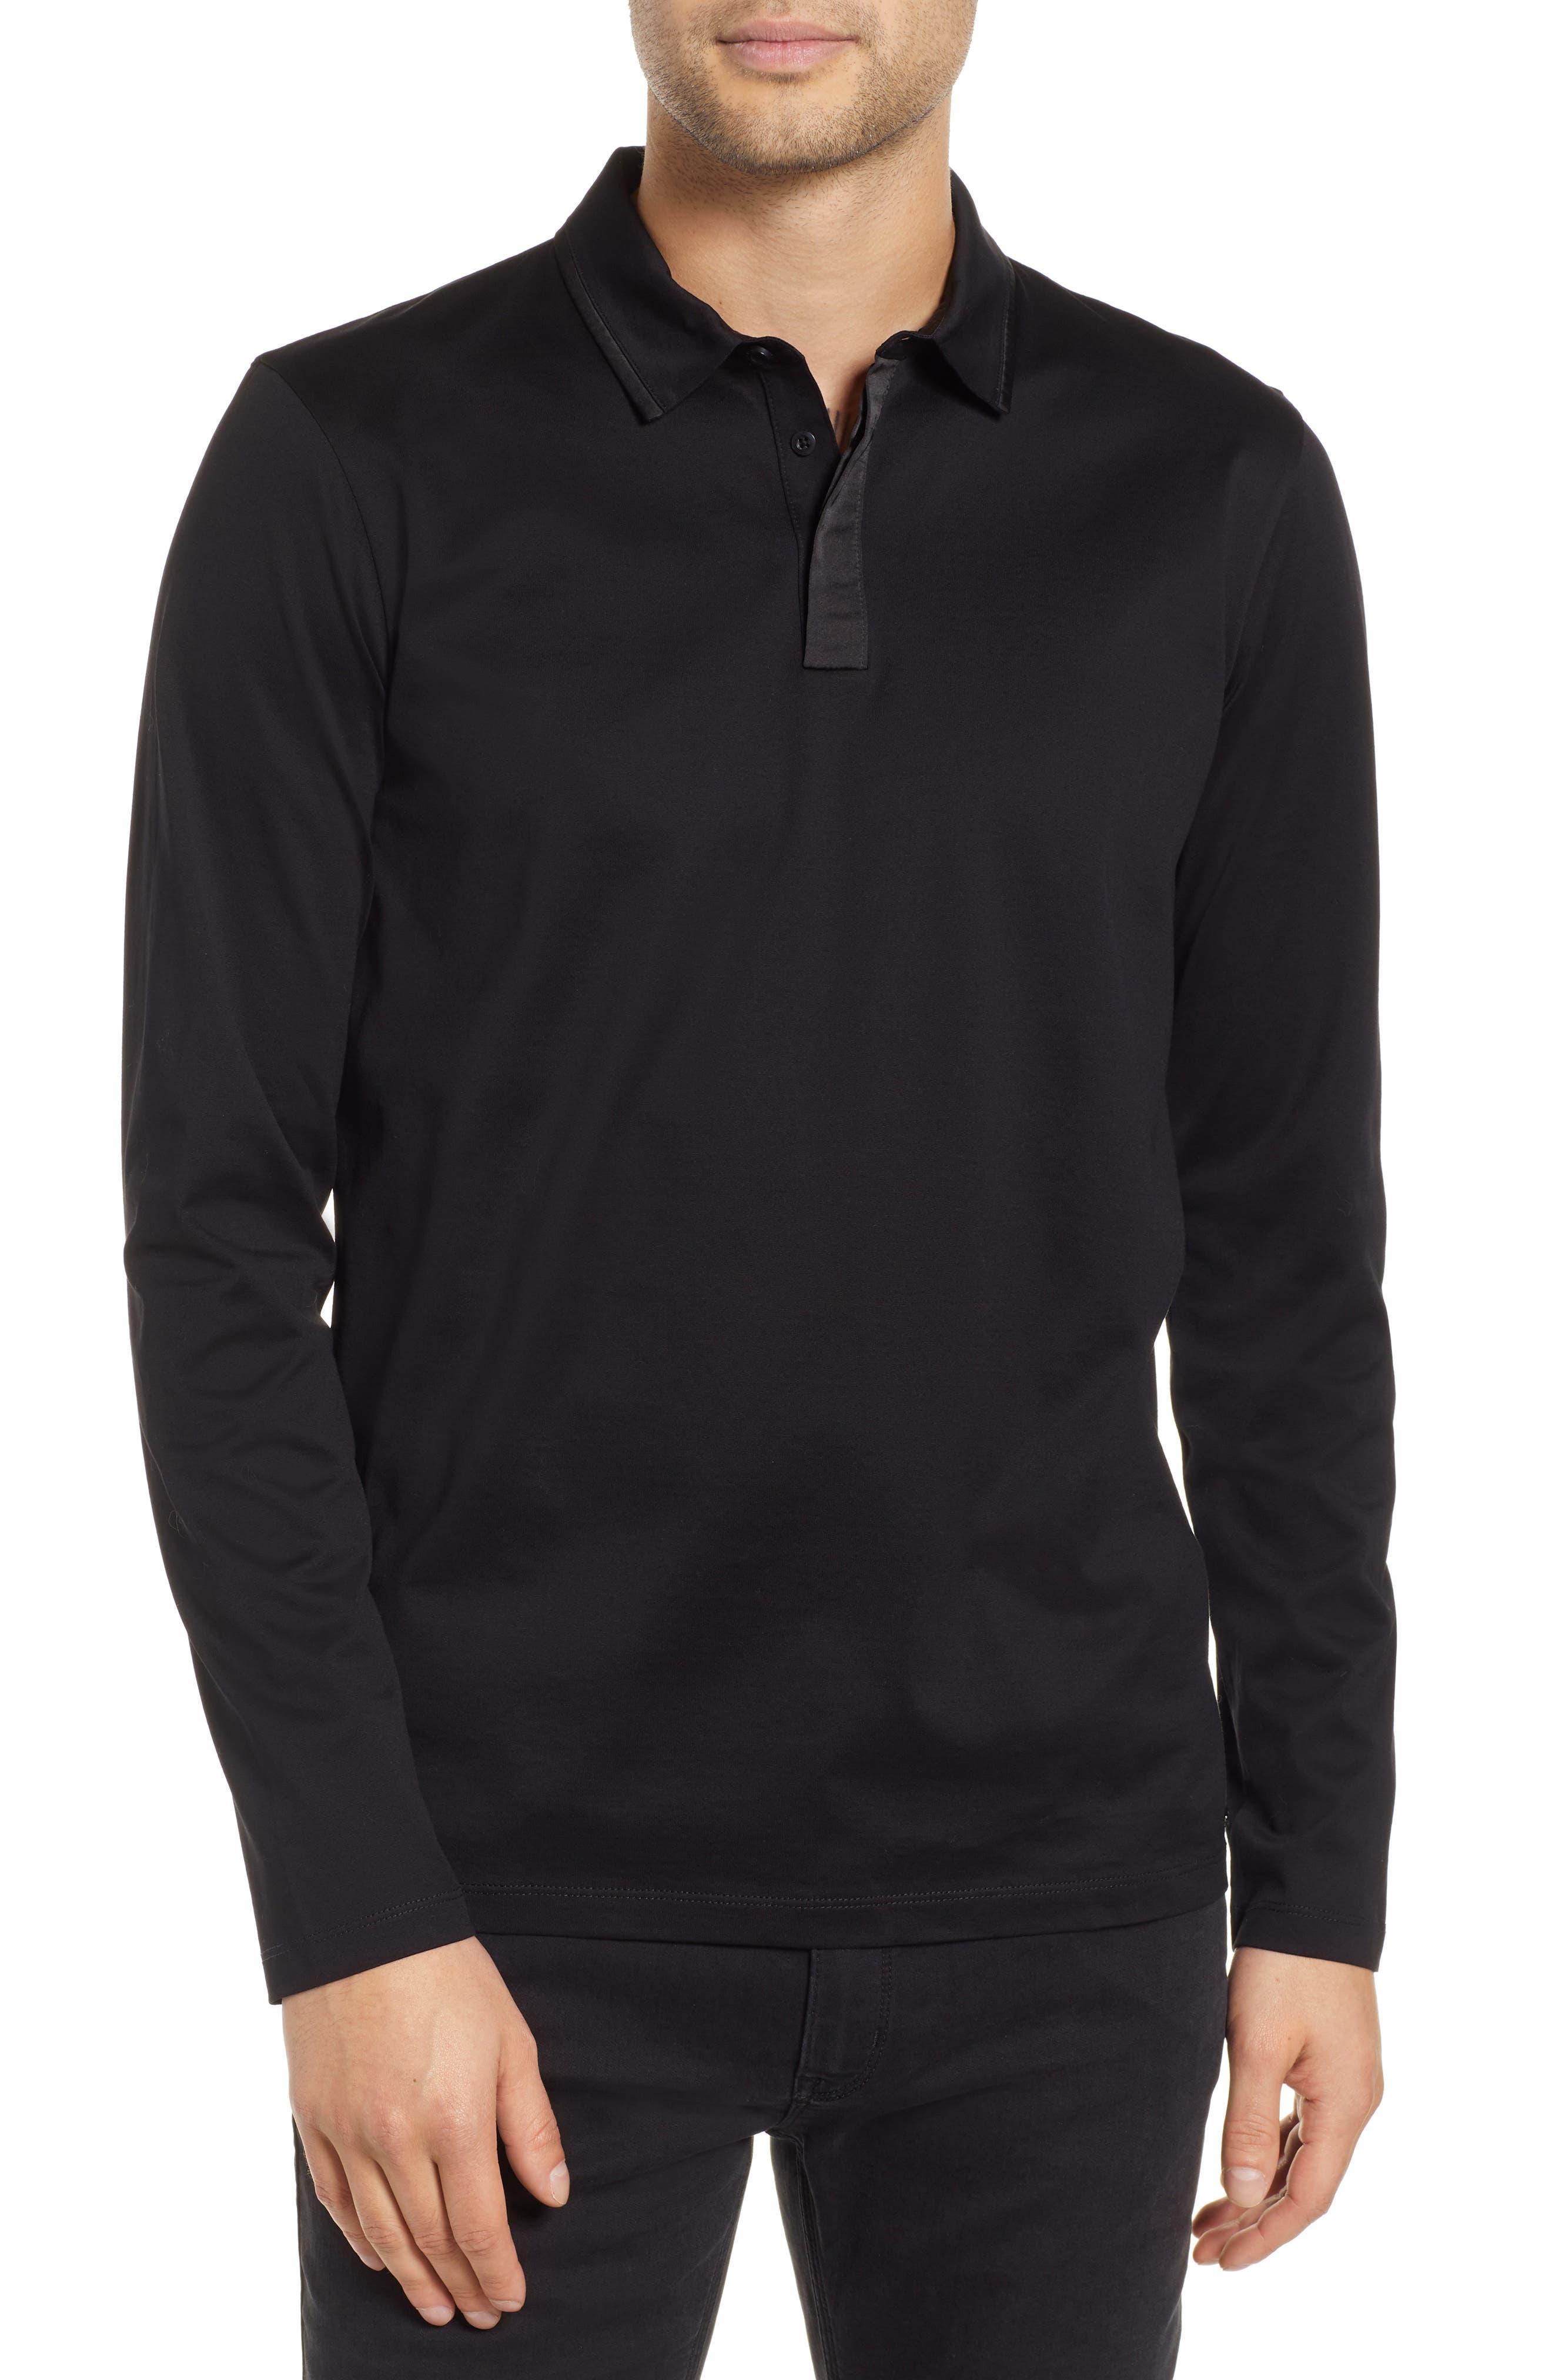 Dalendar Mercerized Cotton Slim Fit Polo Shirt,                             Main thumbnail 1, color,                             BLACK